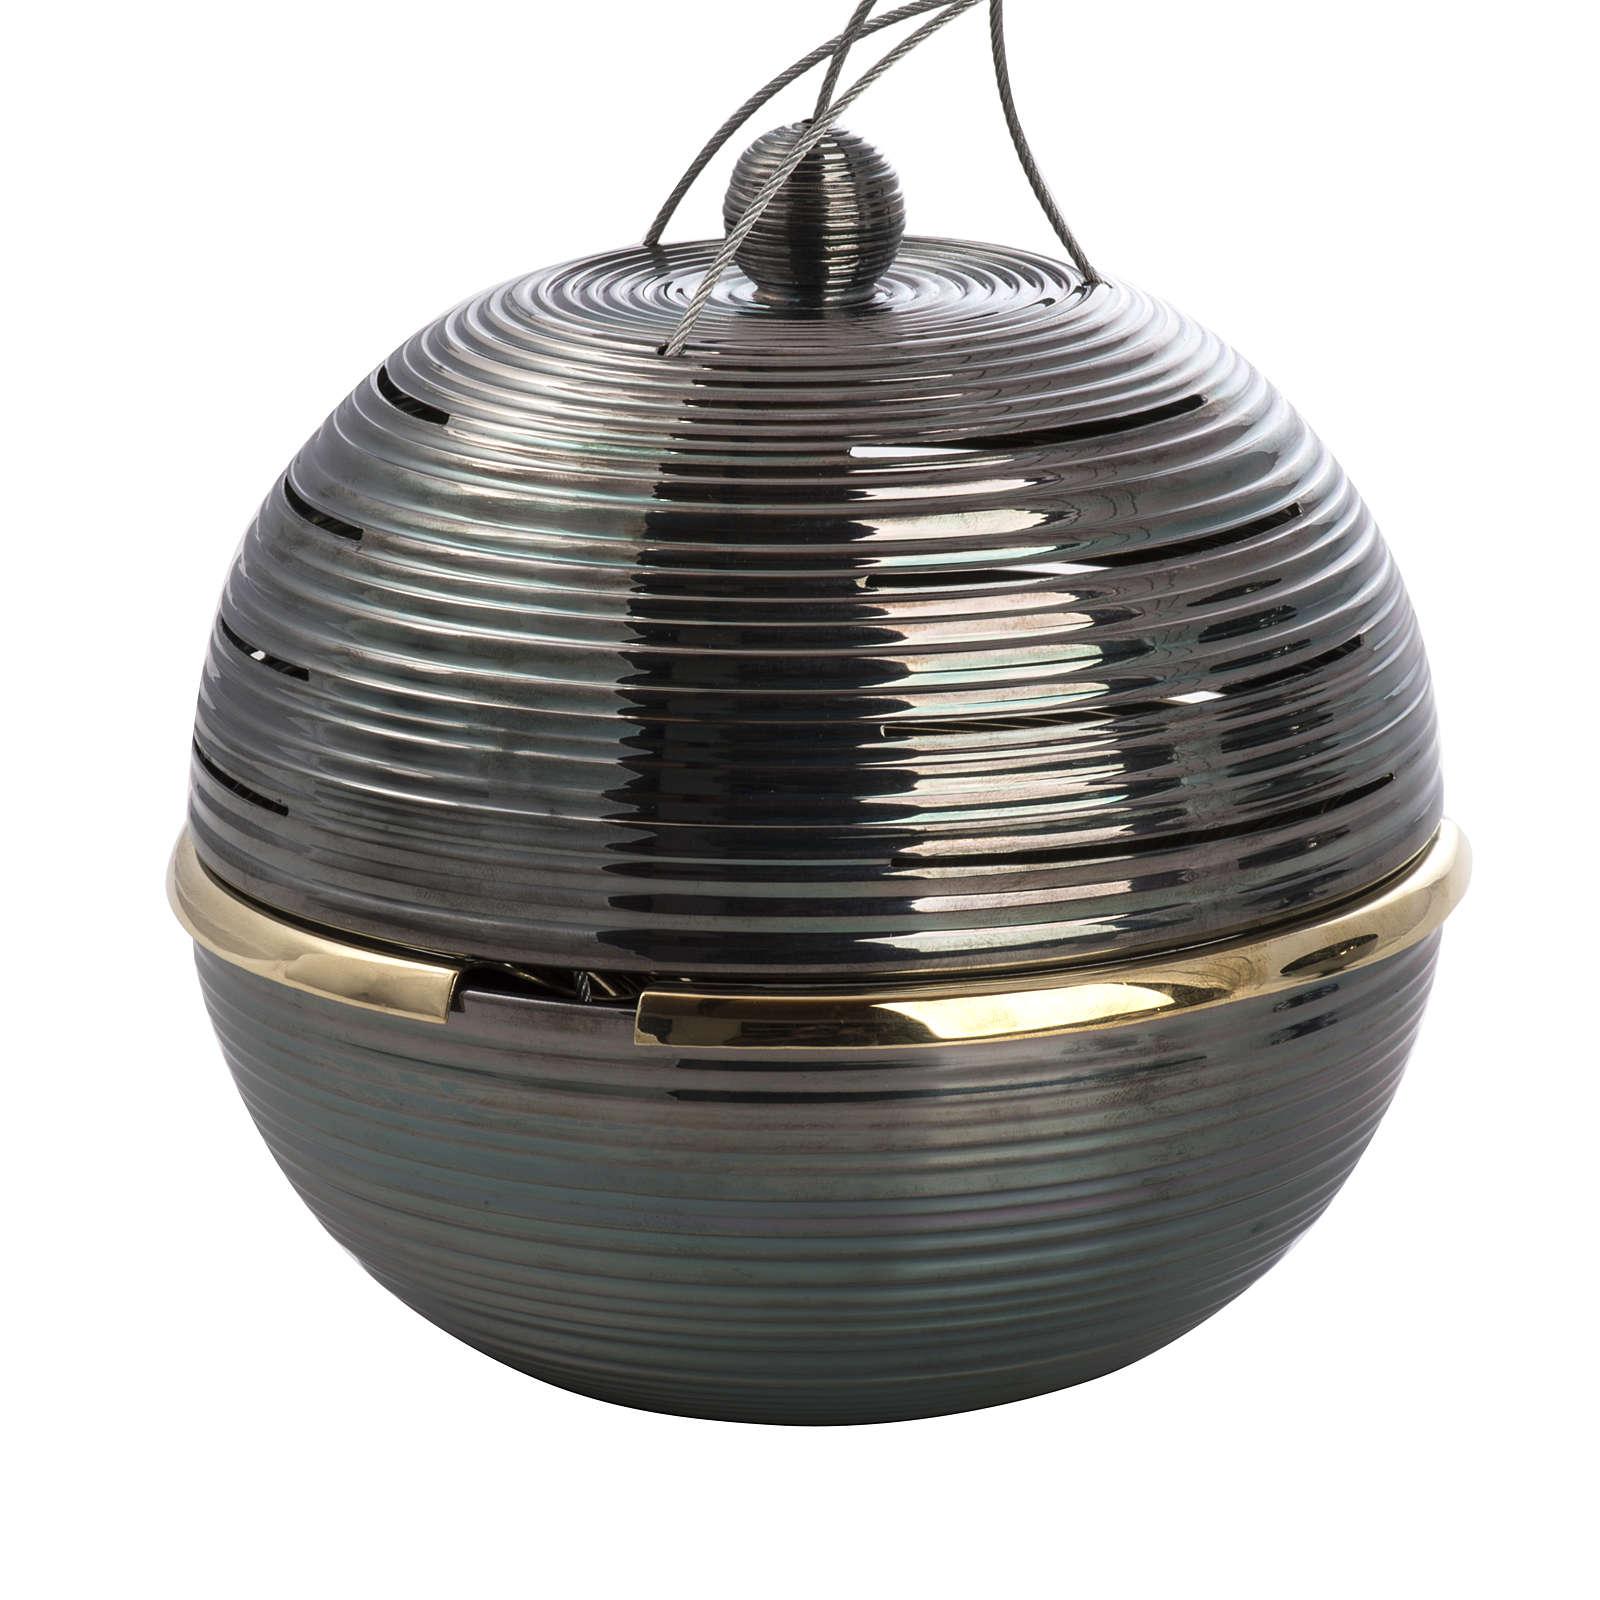 Turibolo Globus con navicella 3